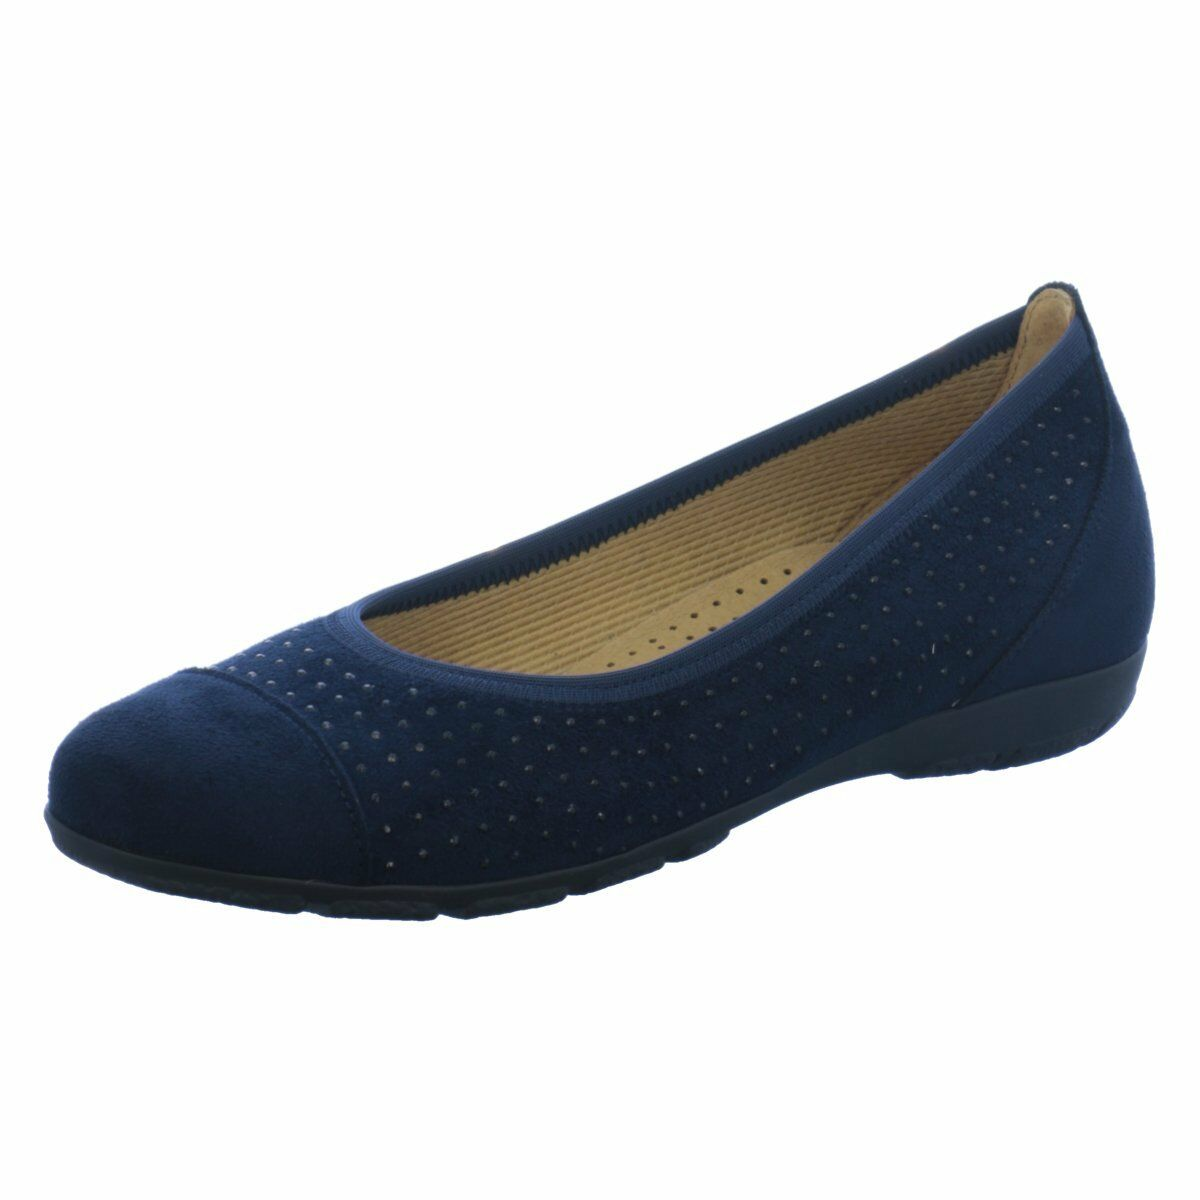 Gabor Damen Ballerinas 84163-46 blau blau blau 378618  | Die erste Reihe von umfassenden Spezifikationen für Kunden  | Attraktive Mode  19a045